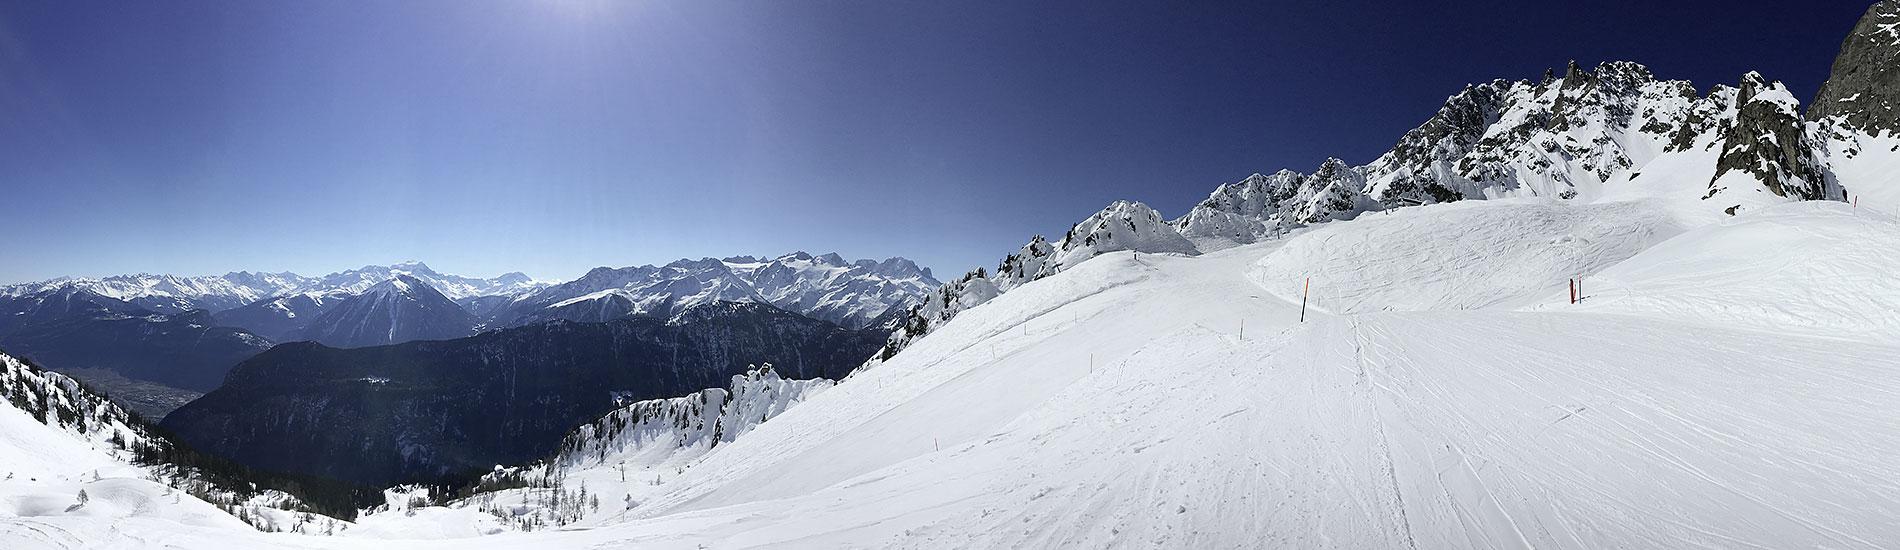 Les pistes de ski de la creusaz